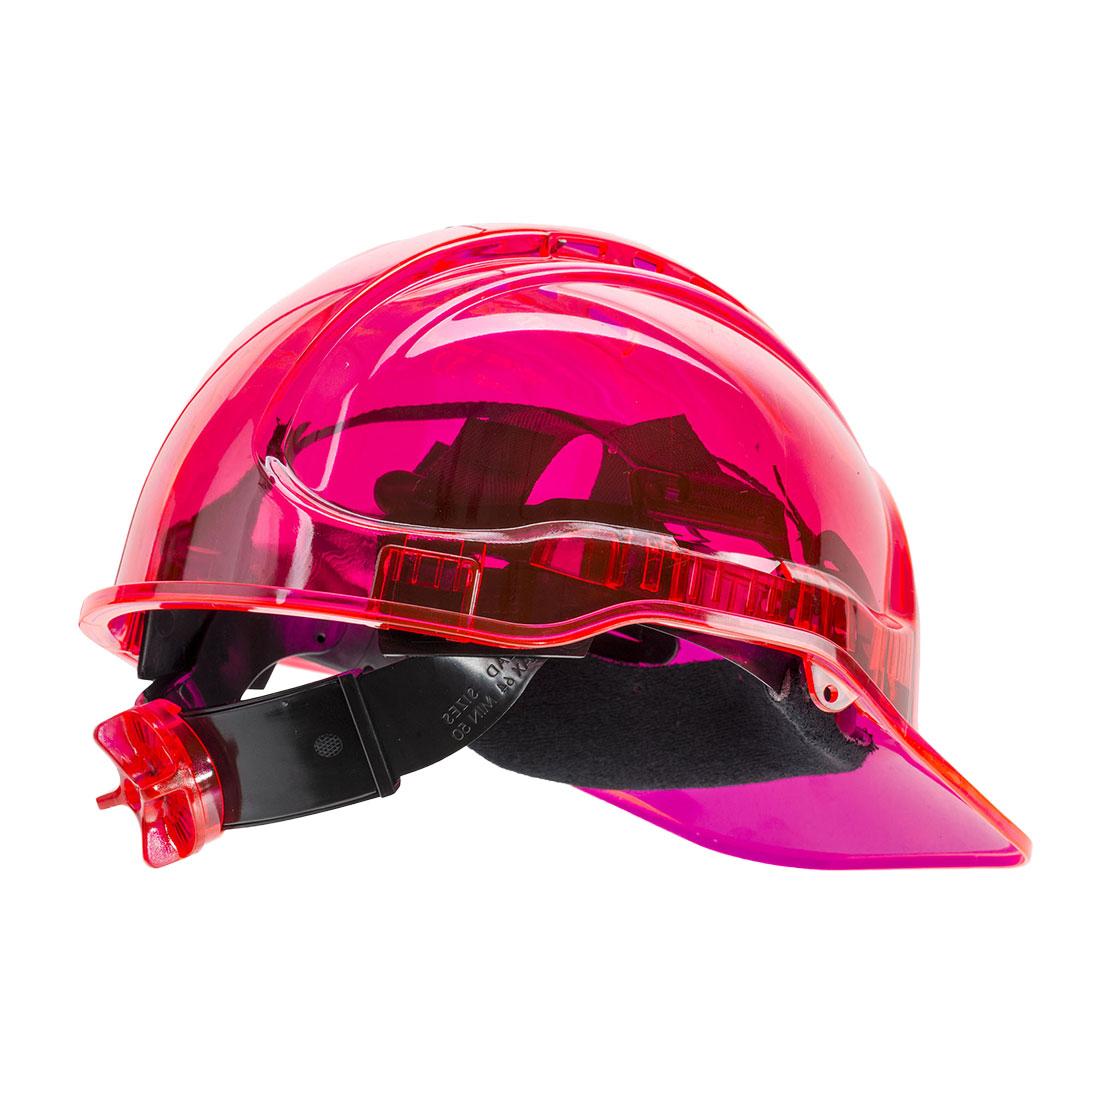 Peak View Ratchet Vent Helmet Pink